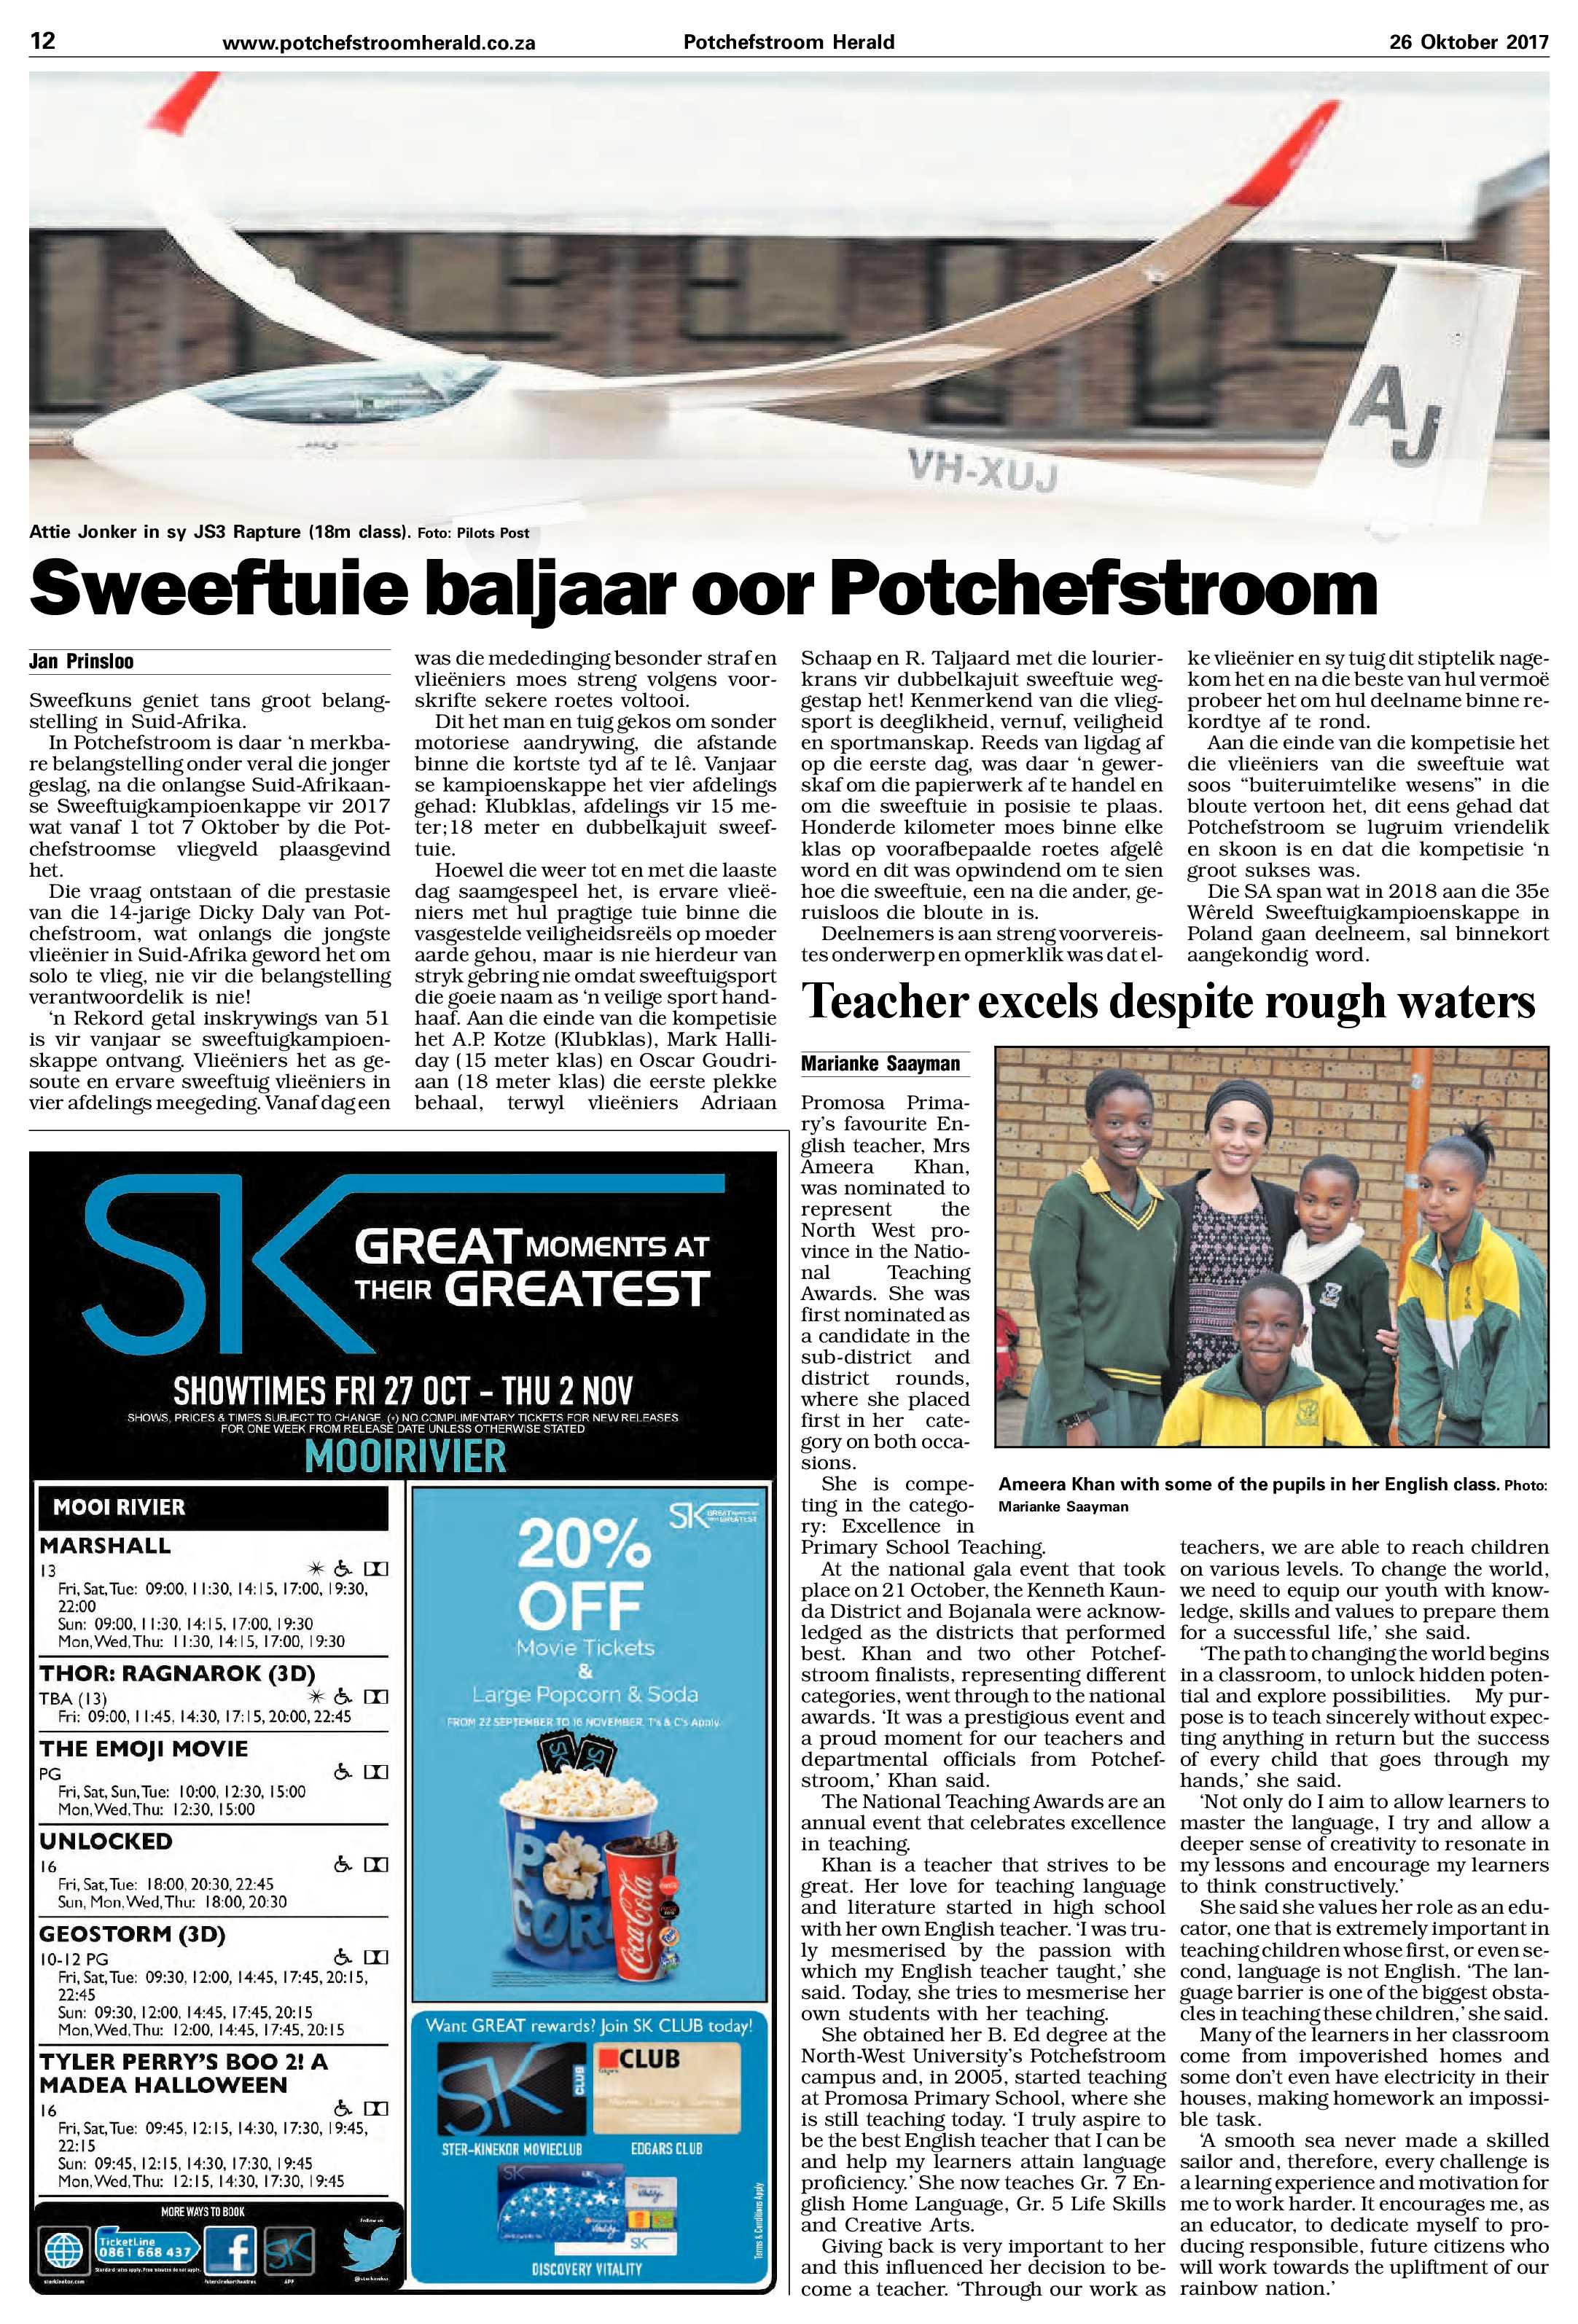 26-oktober-2017-epapers-page-12